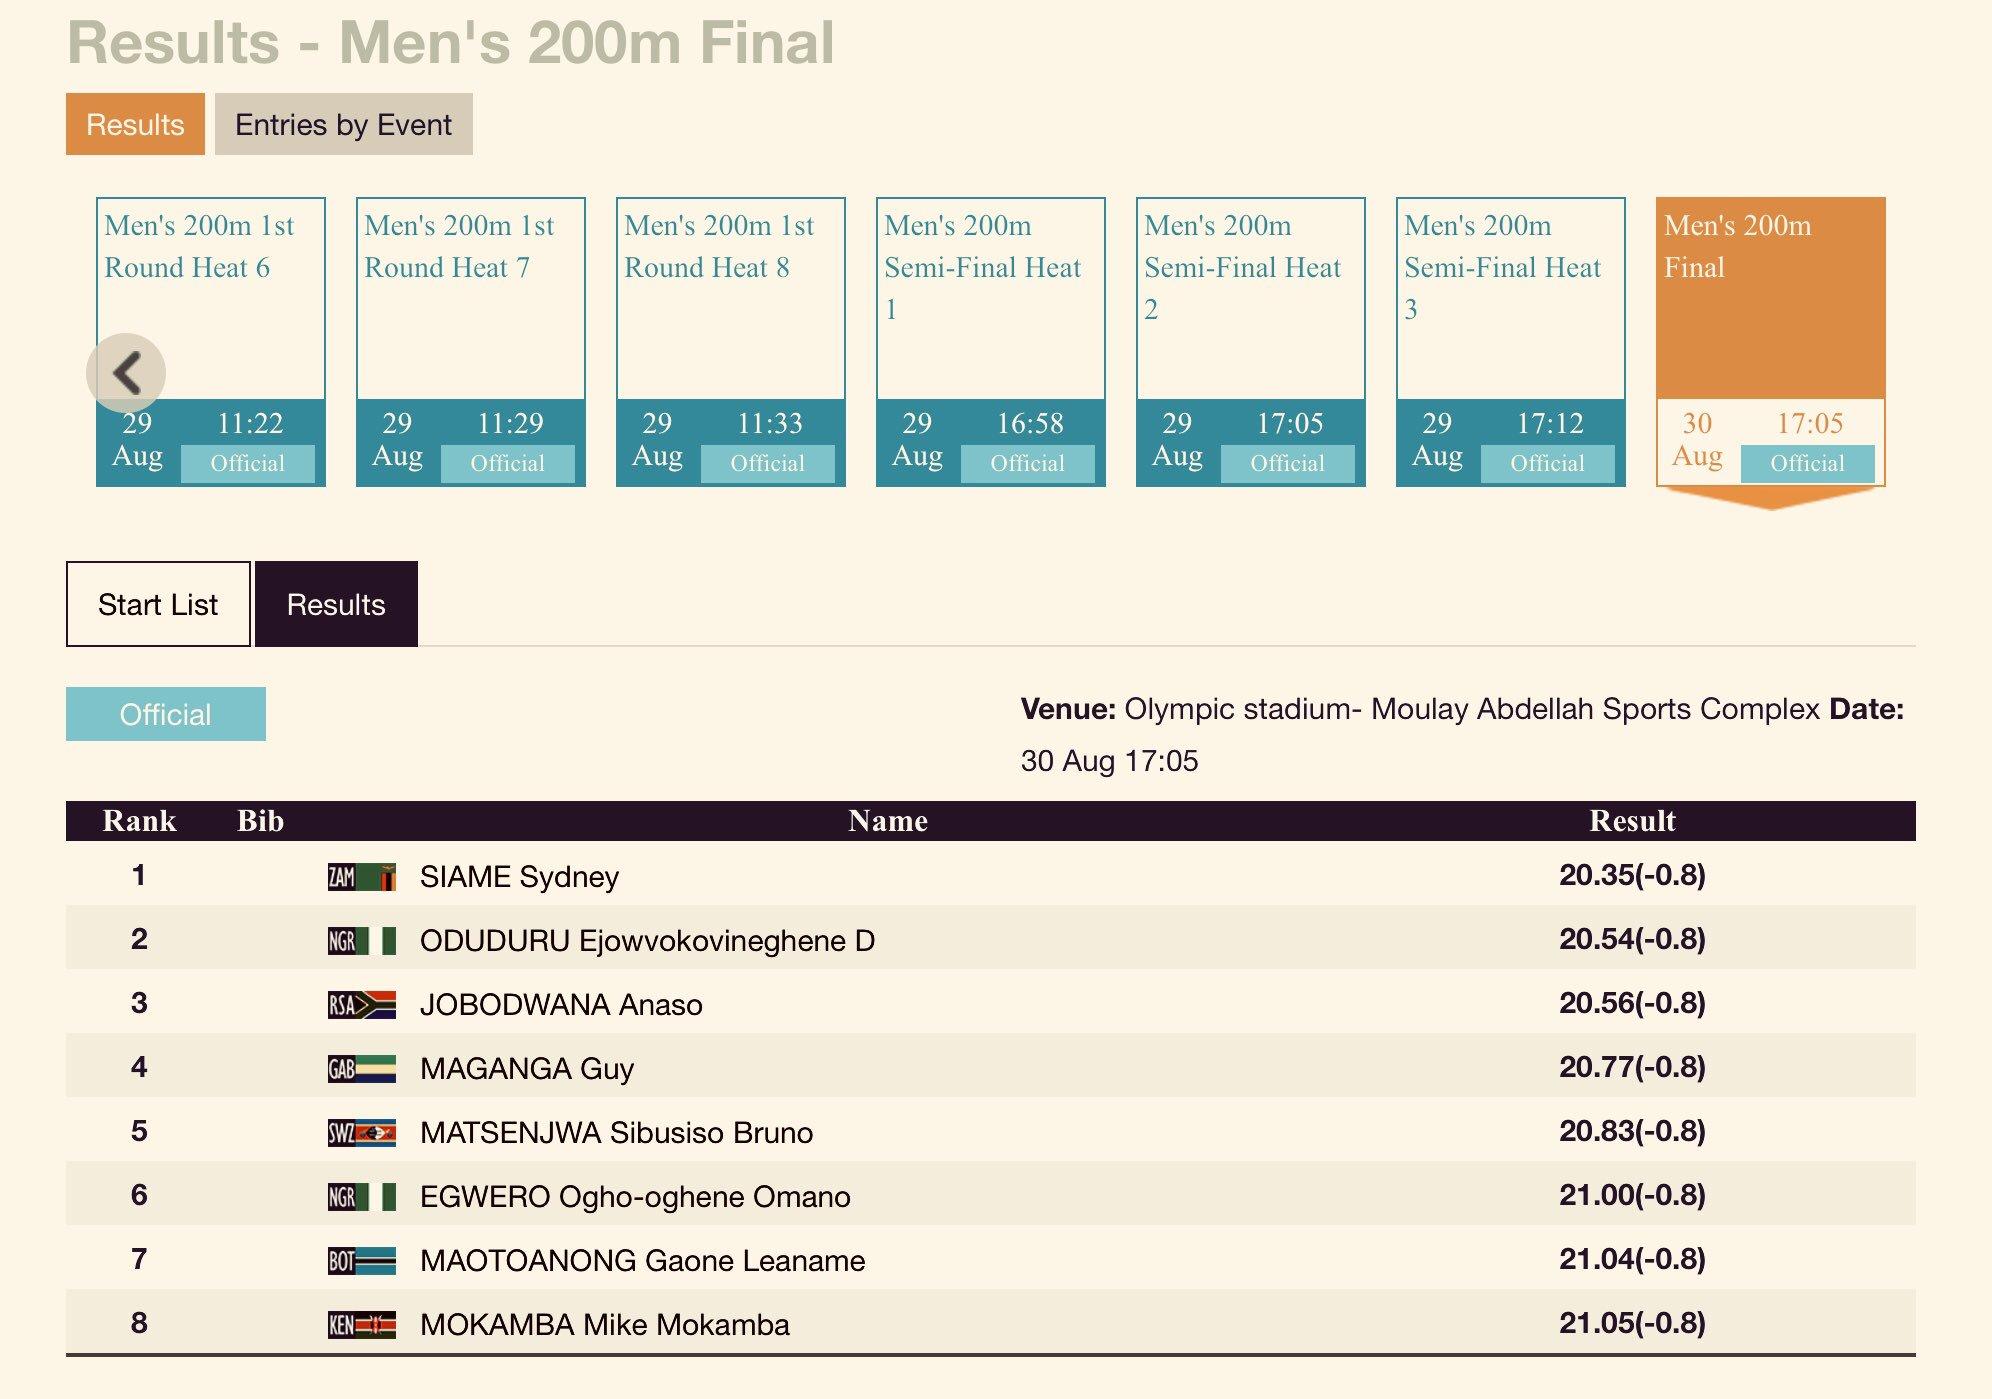 19秒73飞人高开低走,非洲运动会仅跑出20秒54,世锦赛难敌谢震业